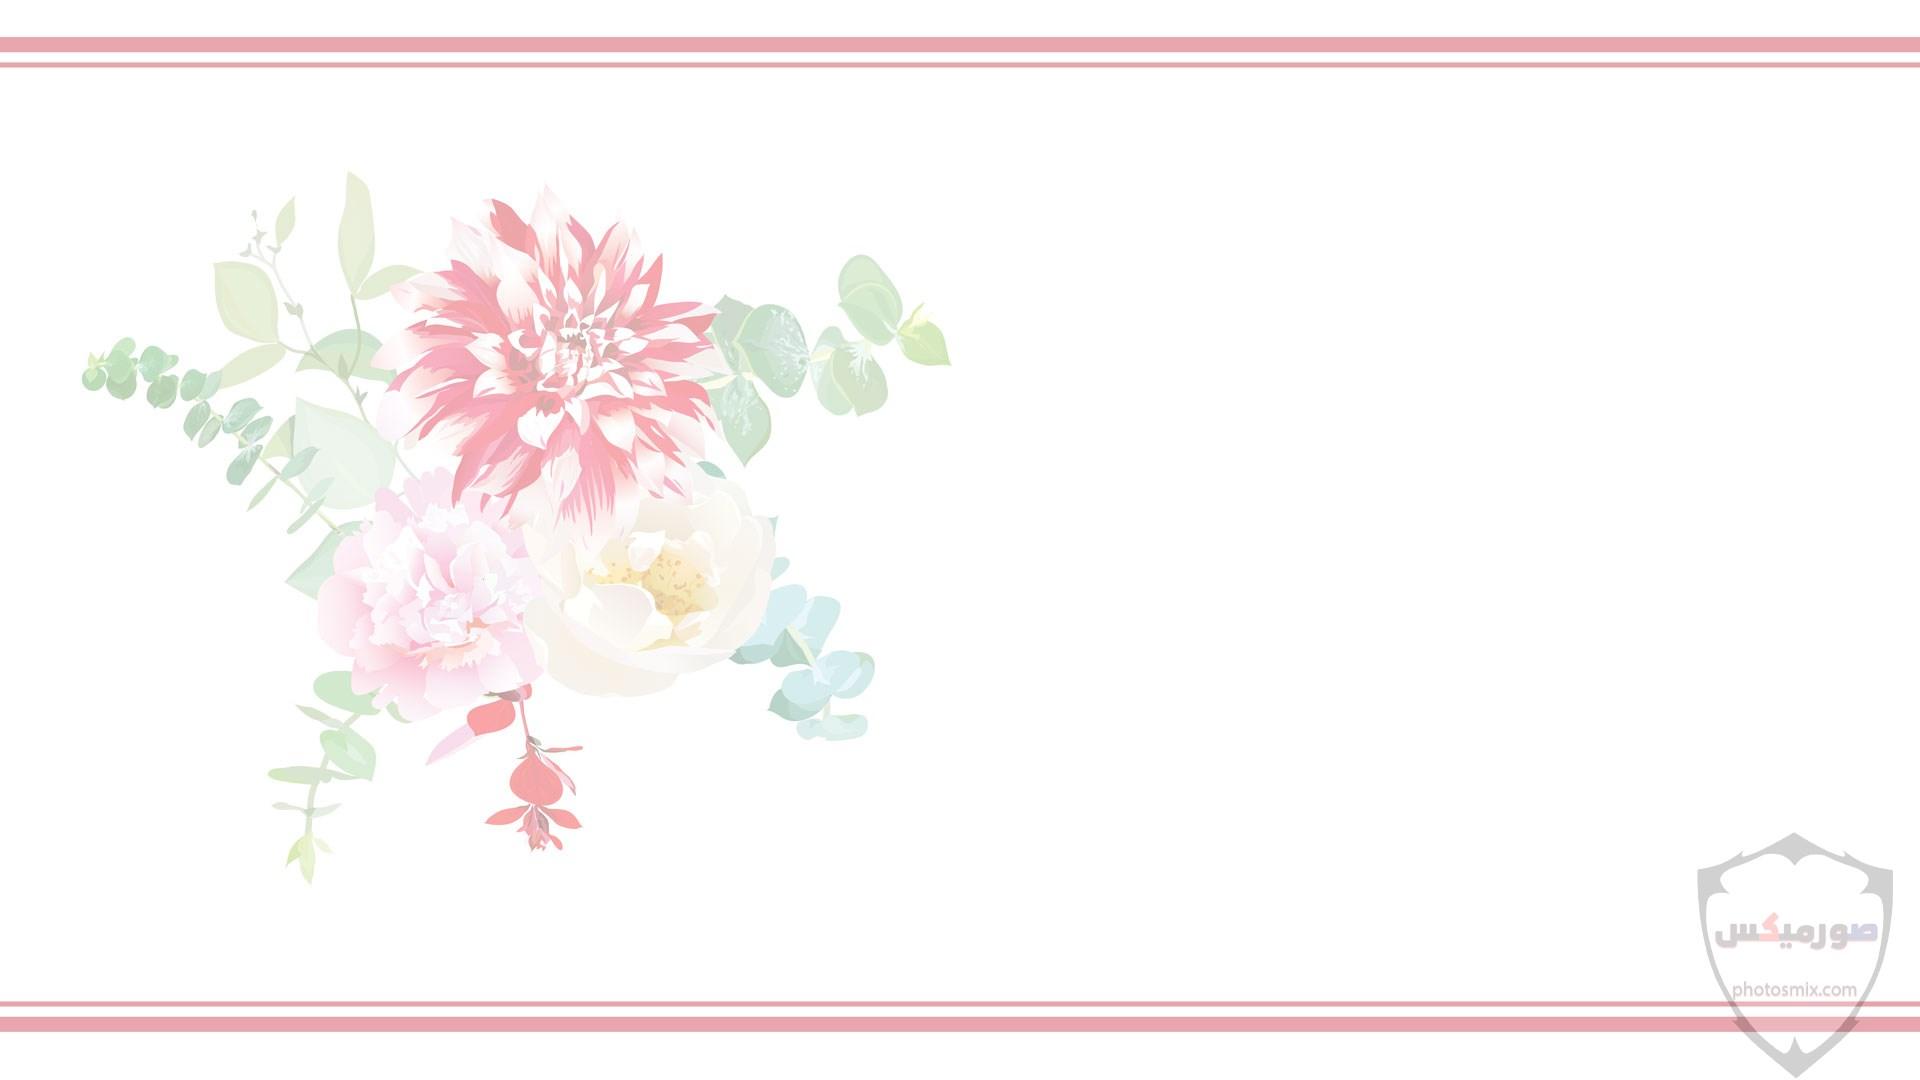 صور عيد الام 2020جديدة اجمل الصور المعبرة عن عيد الام جديدة 6